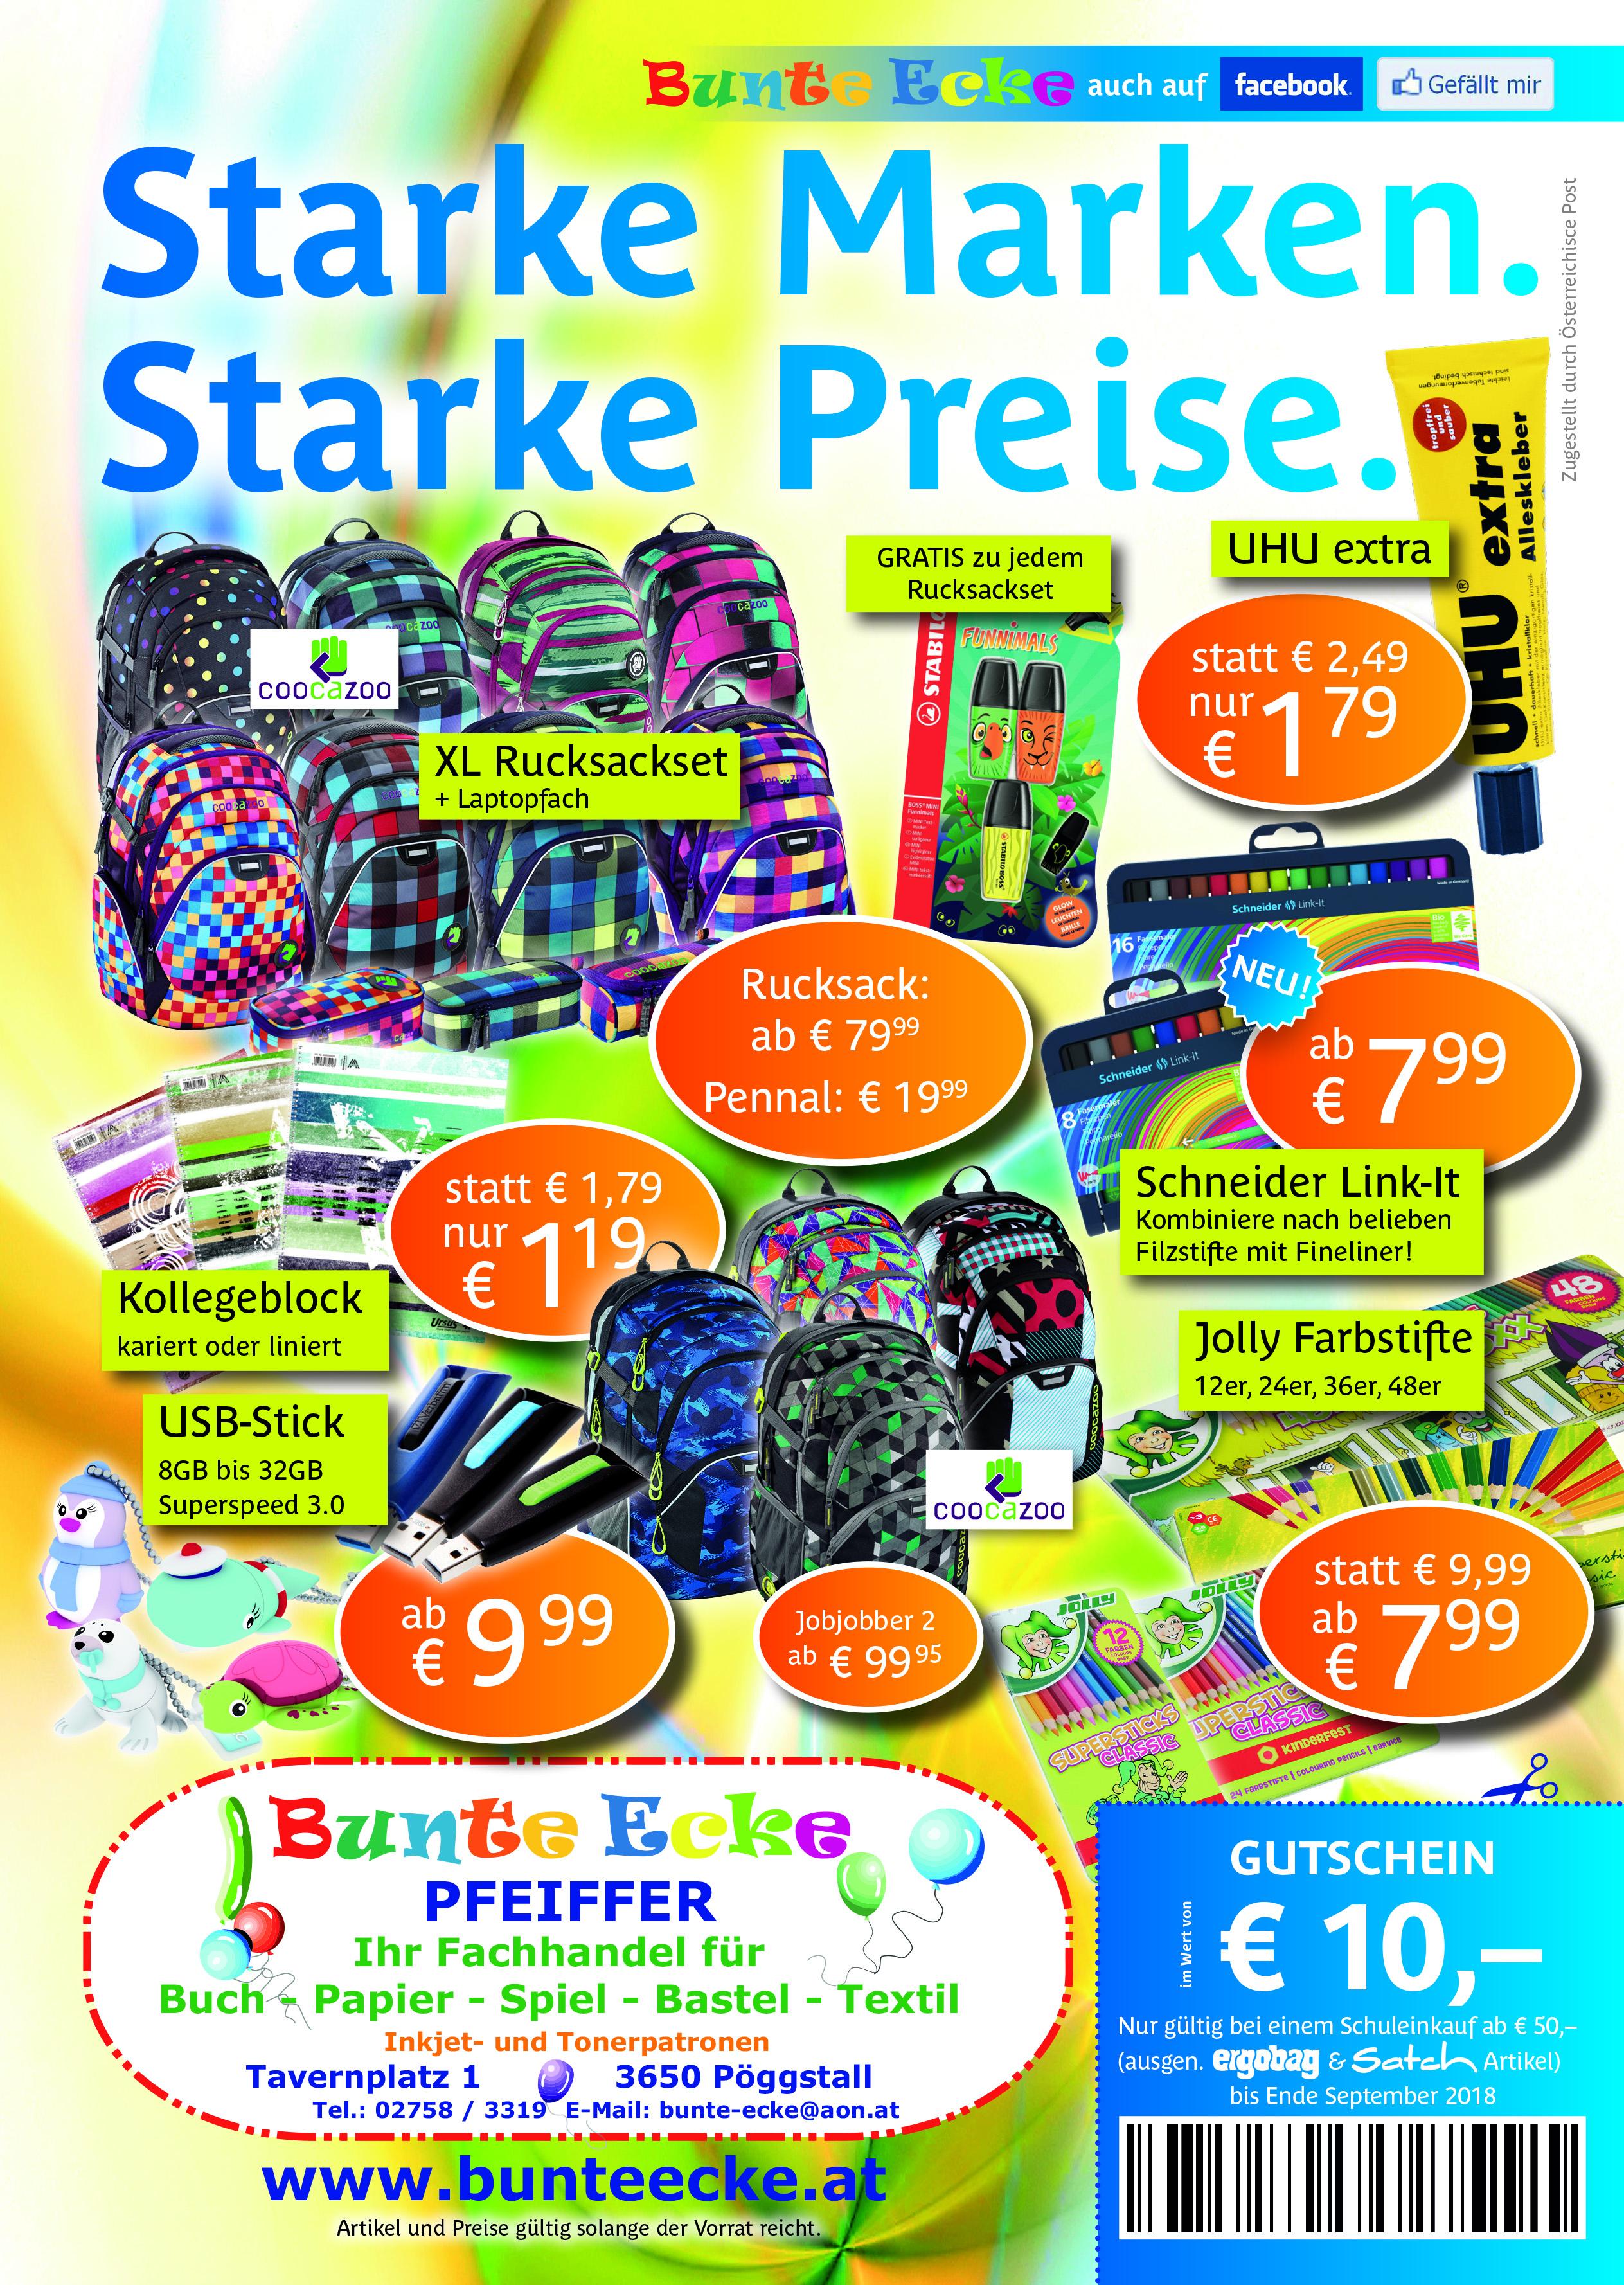 Schulartikel zu Aktionspreisen mit € 10.- Gutschein